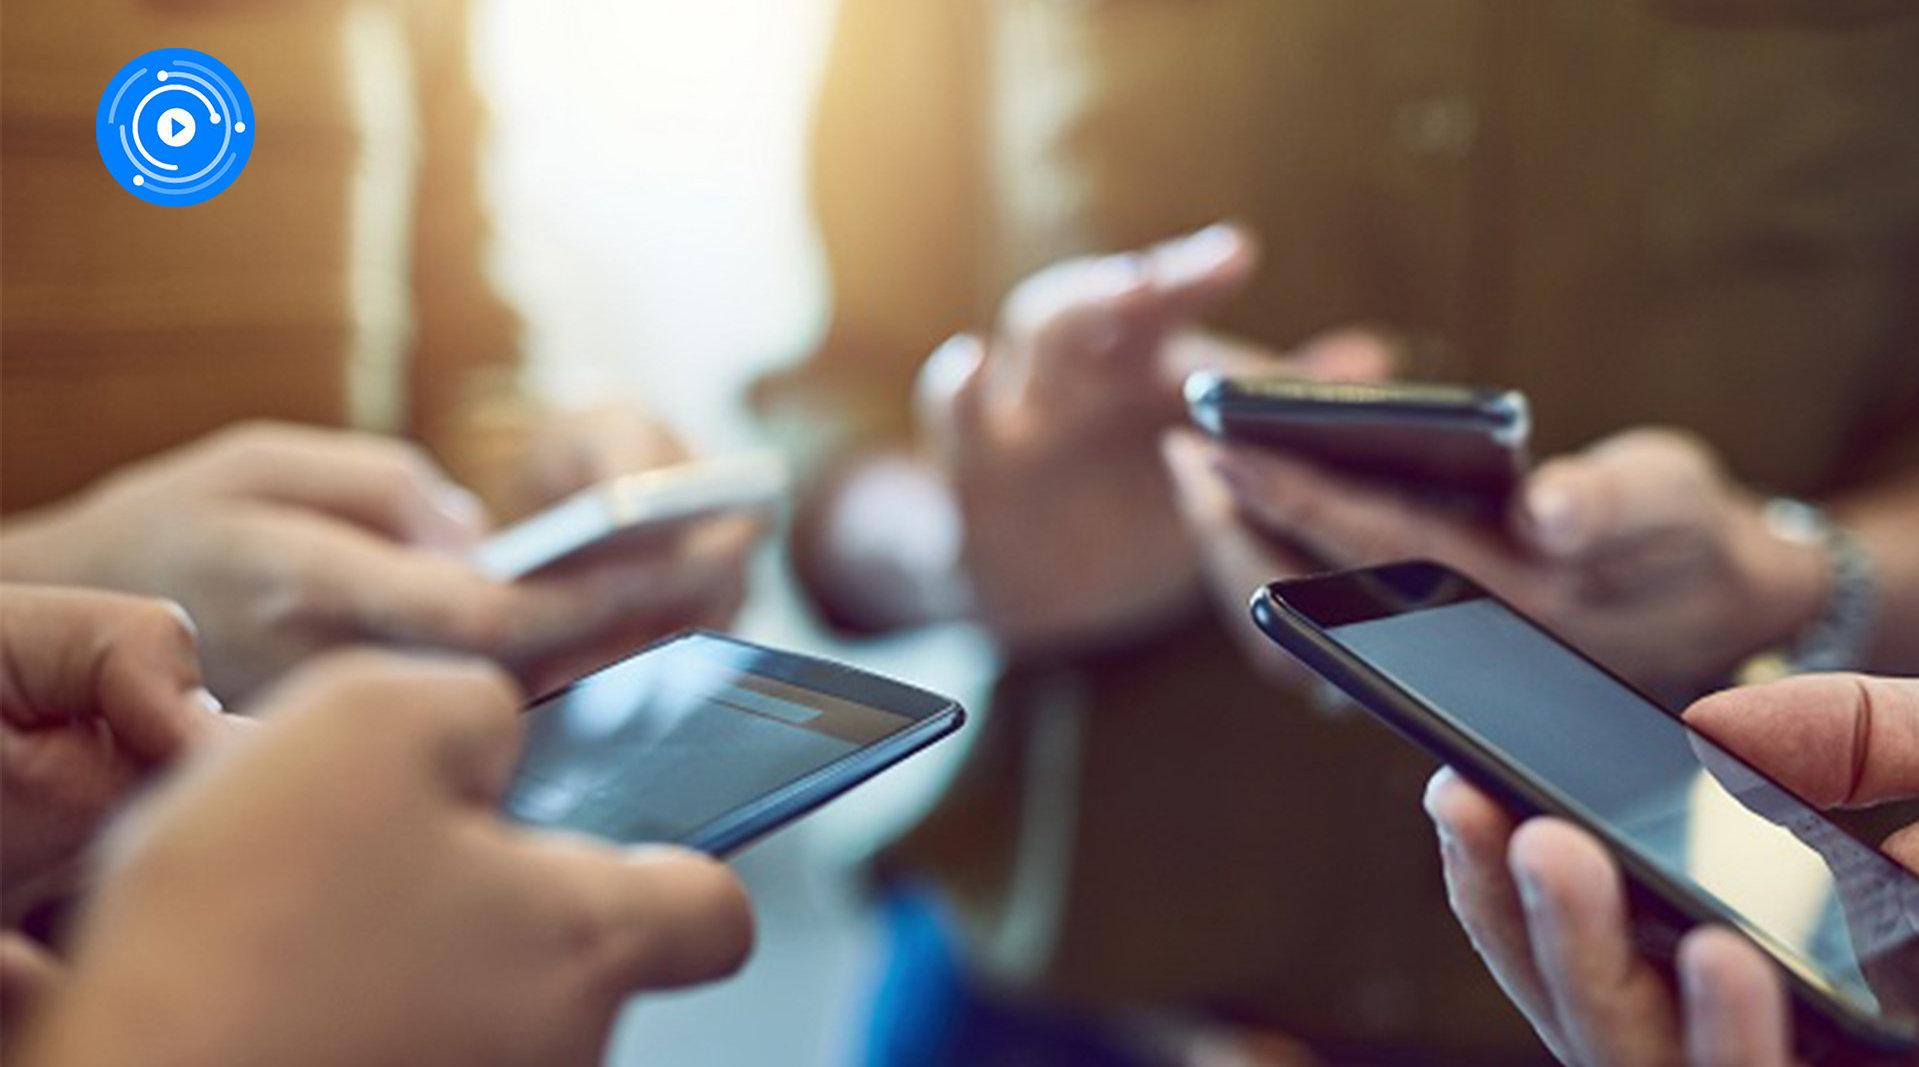 中国手机浏览器用户规模近7亿